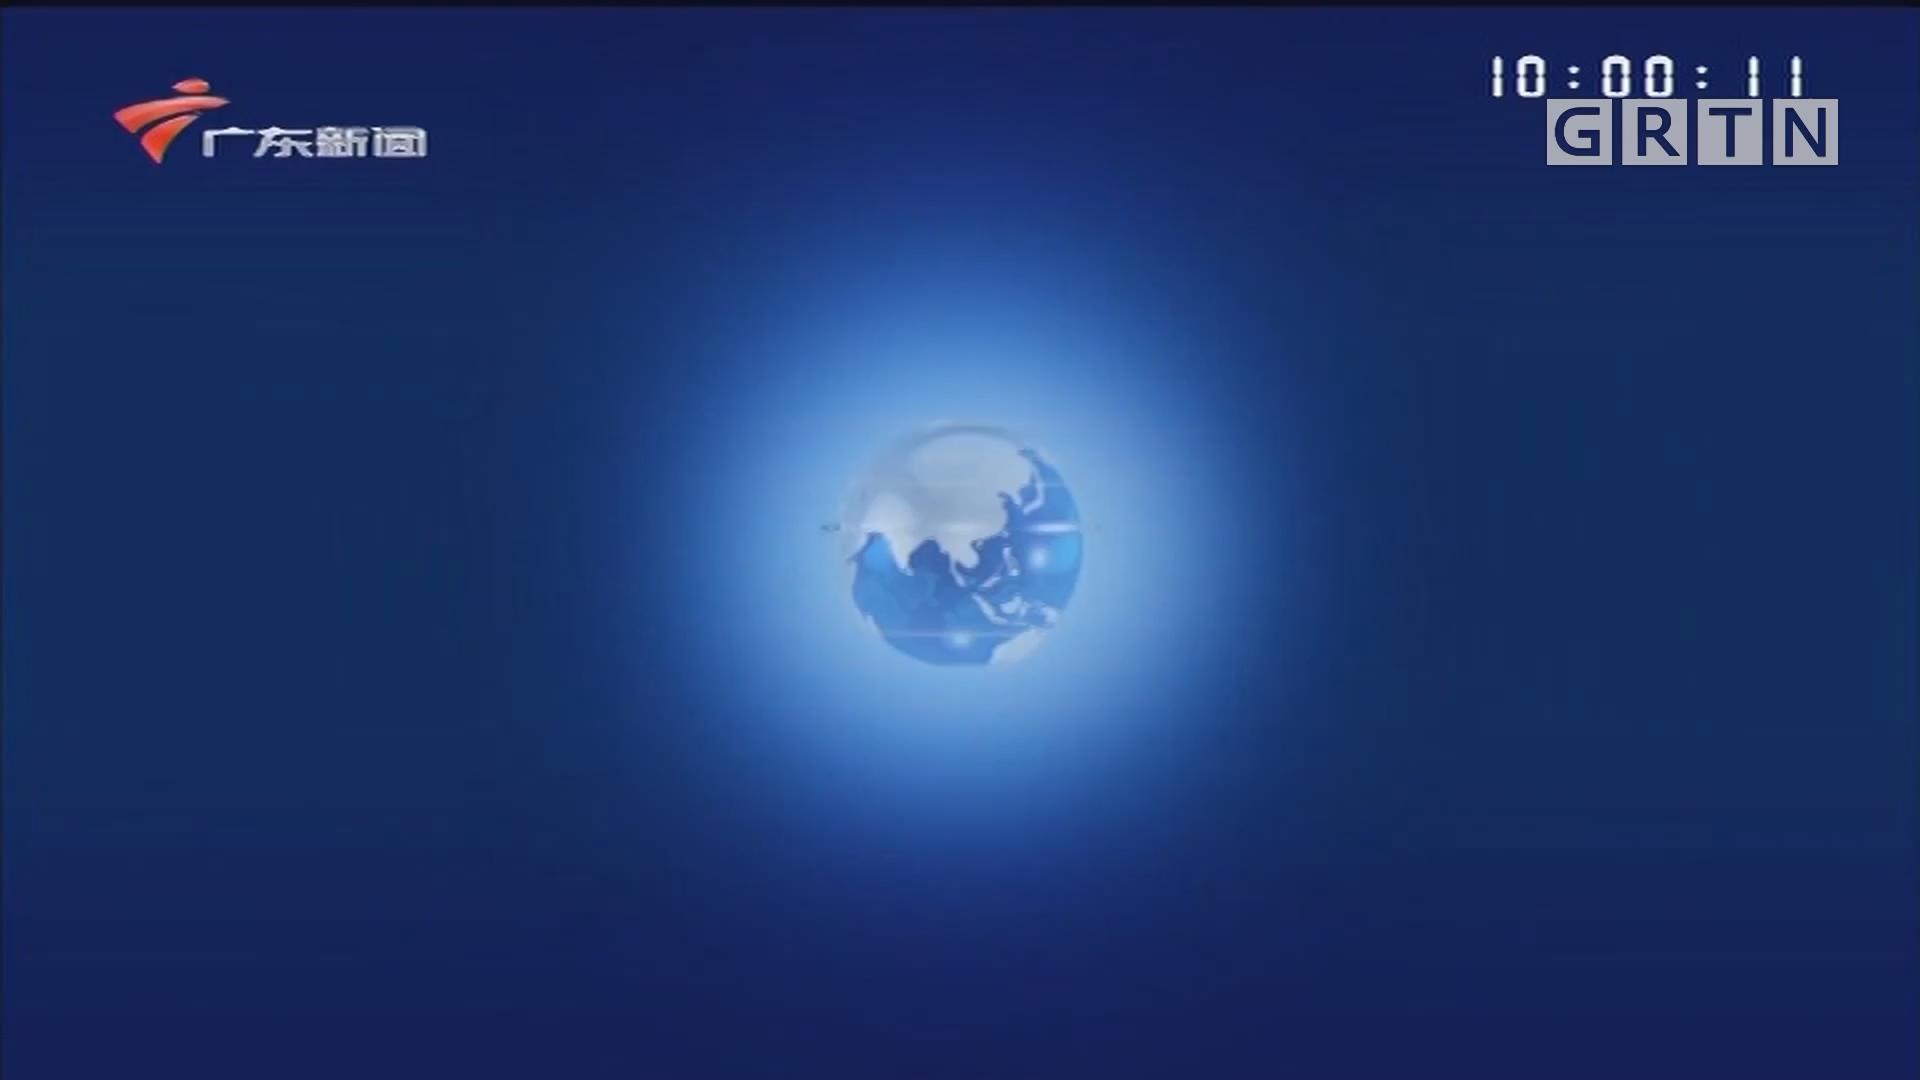 [HD][2019-12-16-10:00]正點播報:較強冷空氣周三影響廣東